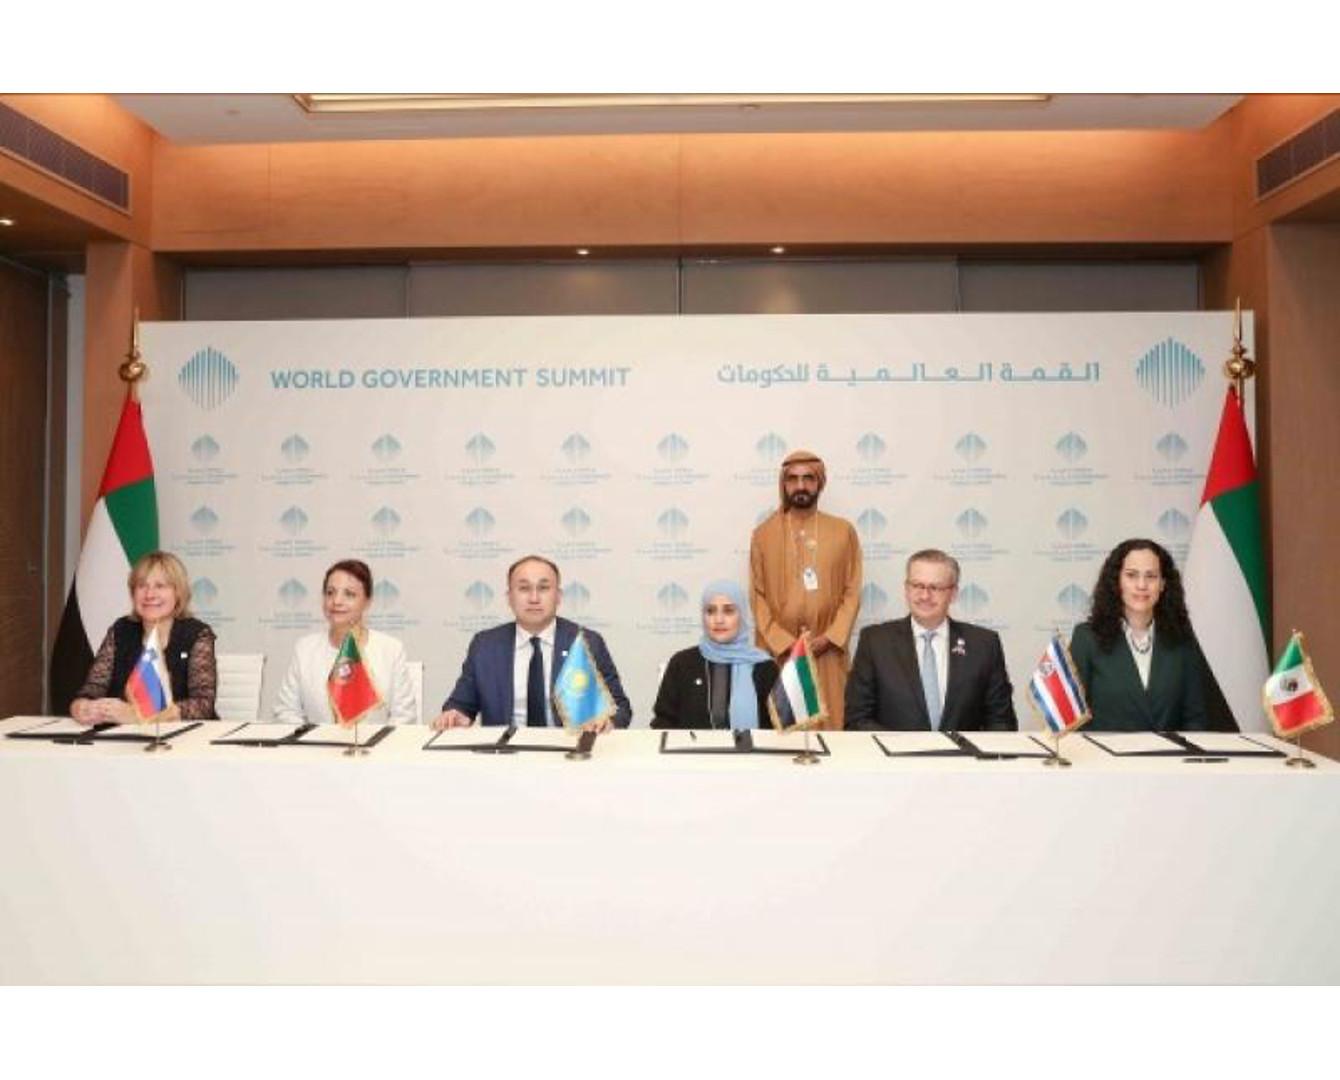 Глобальную коалицию счастья создали Казахстан и еще 5 стран